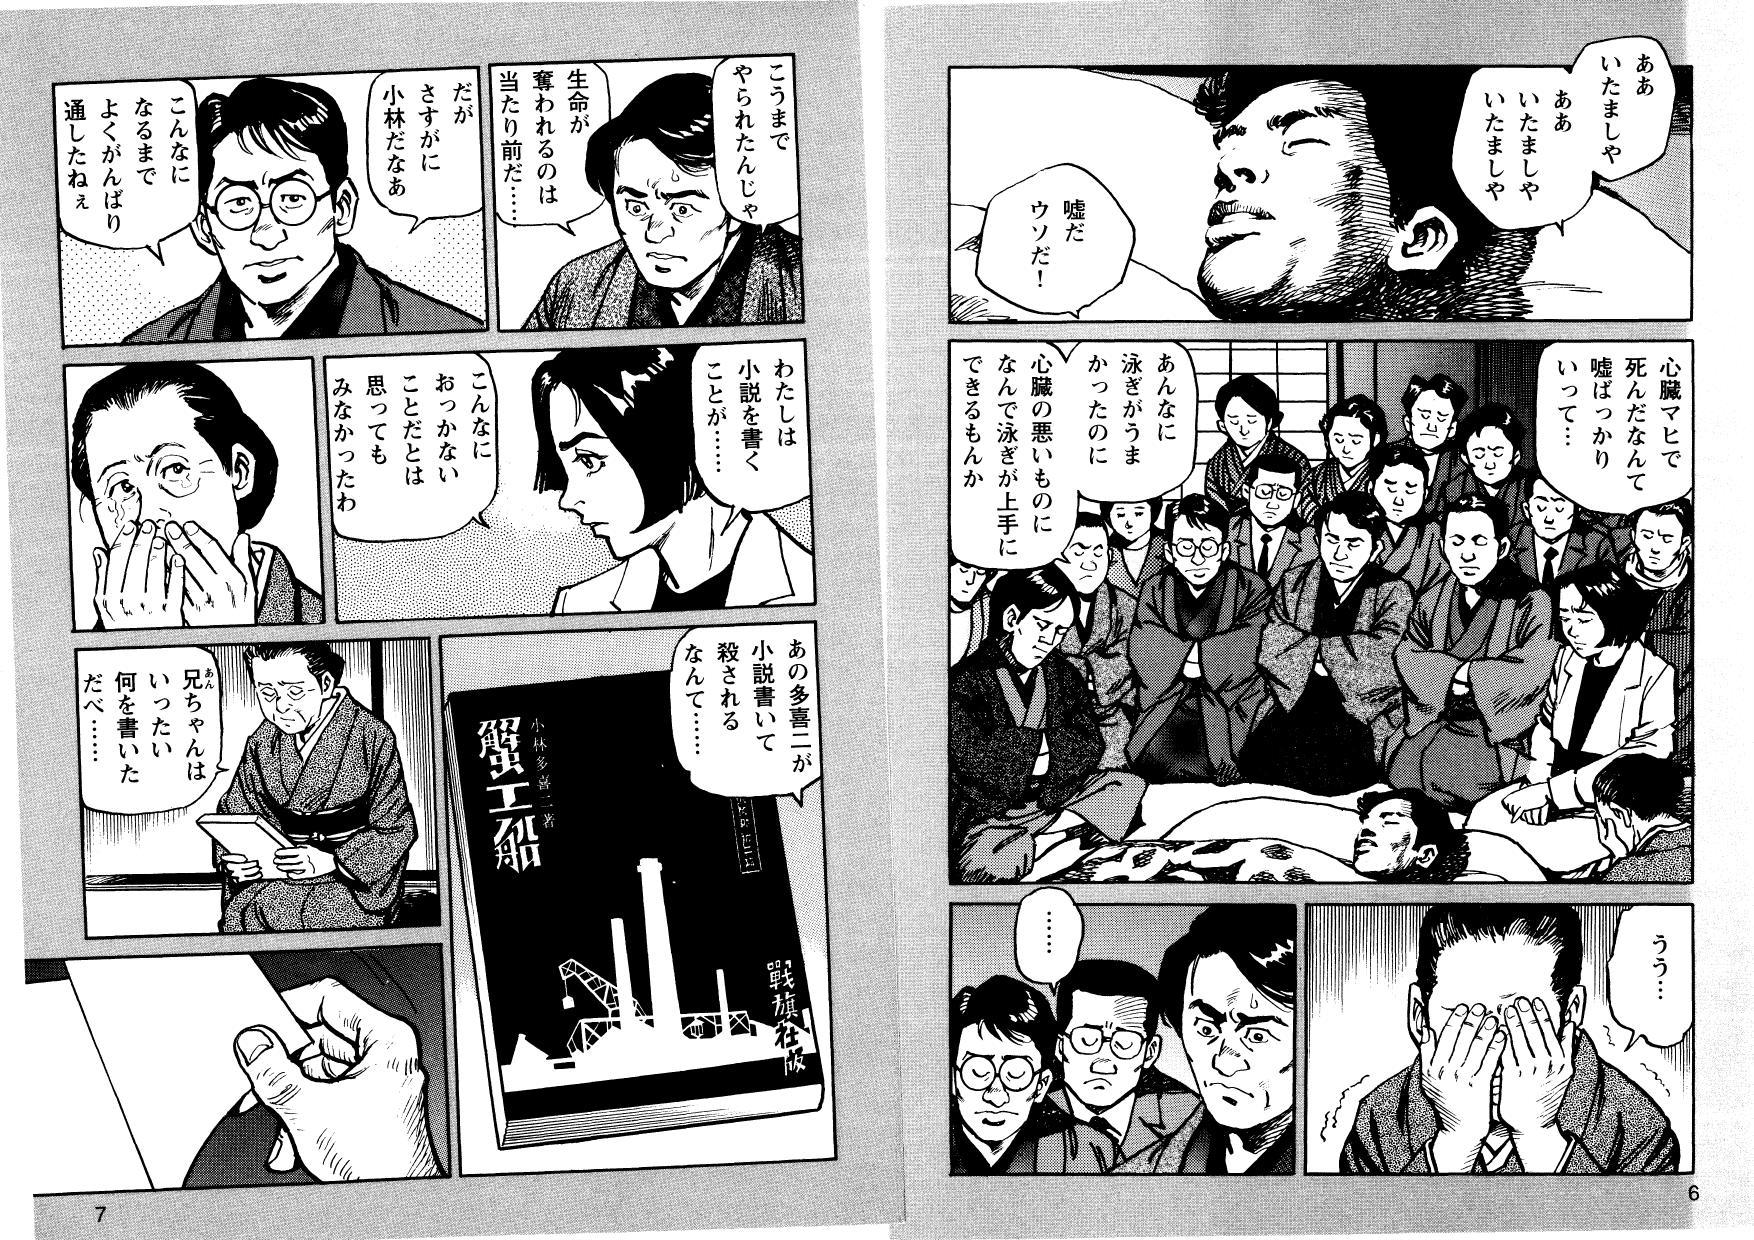 kani_cmc_000004.jpg